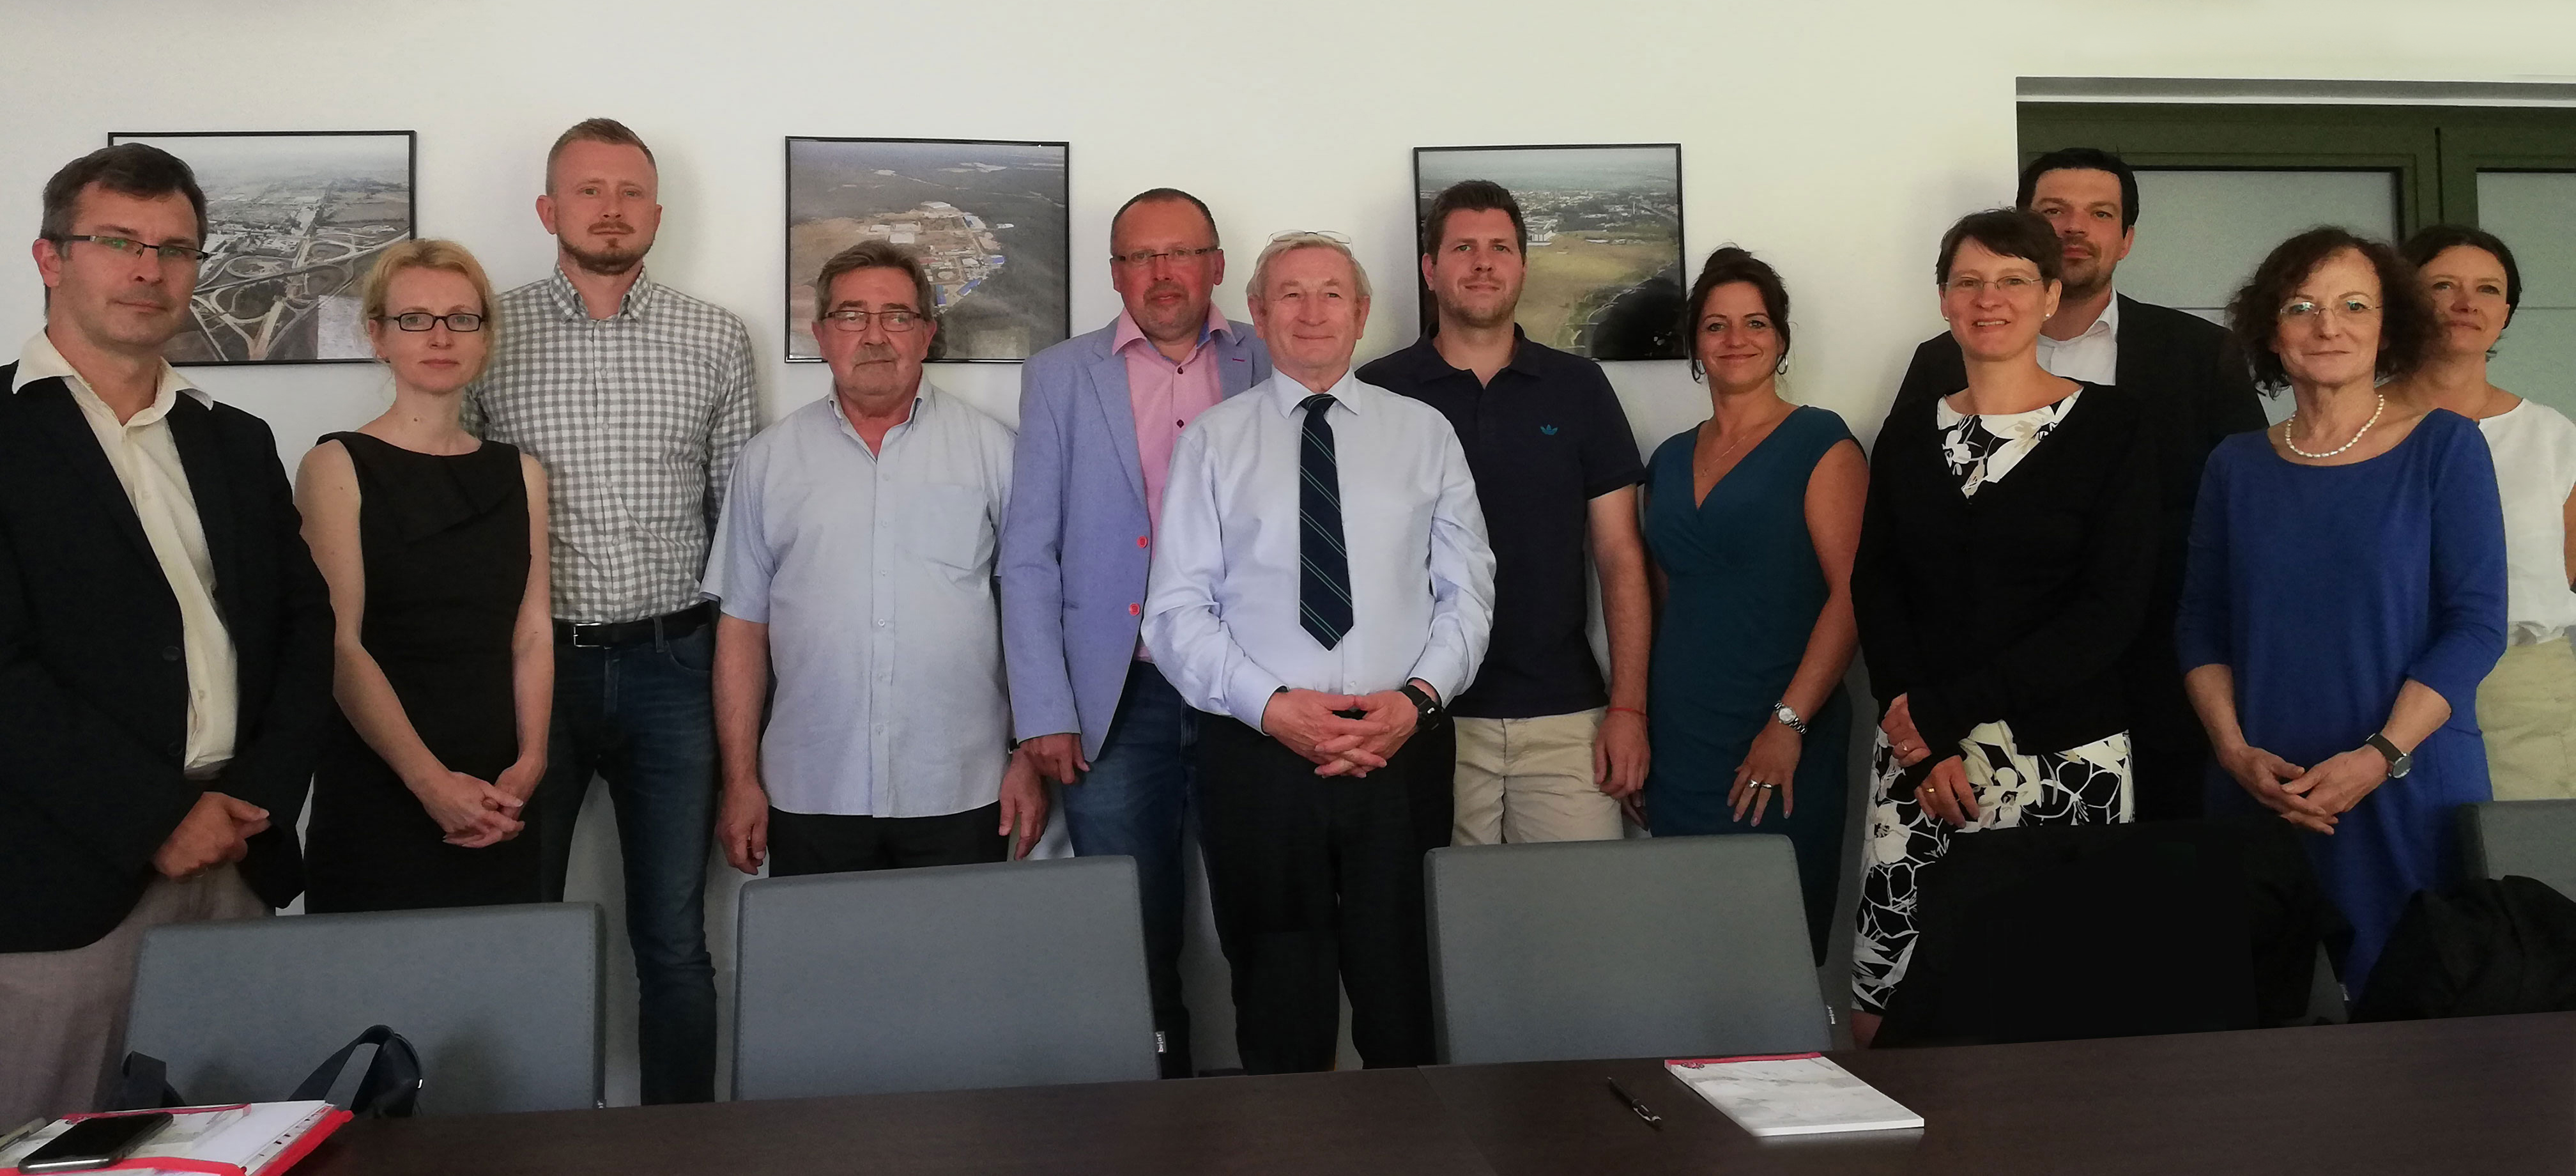 Gruppenbild siebter offizieller Arbeitskreis der Interreg-Projektgruppe in Küstrin